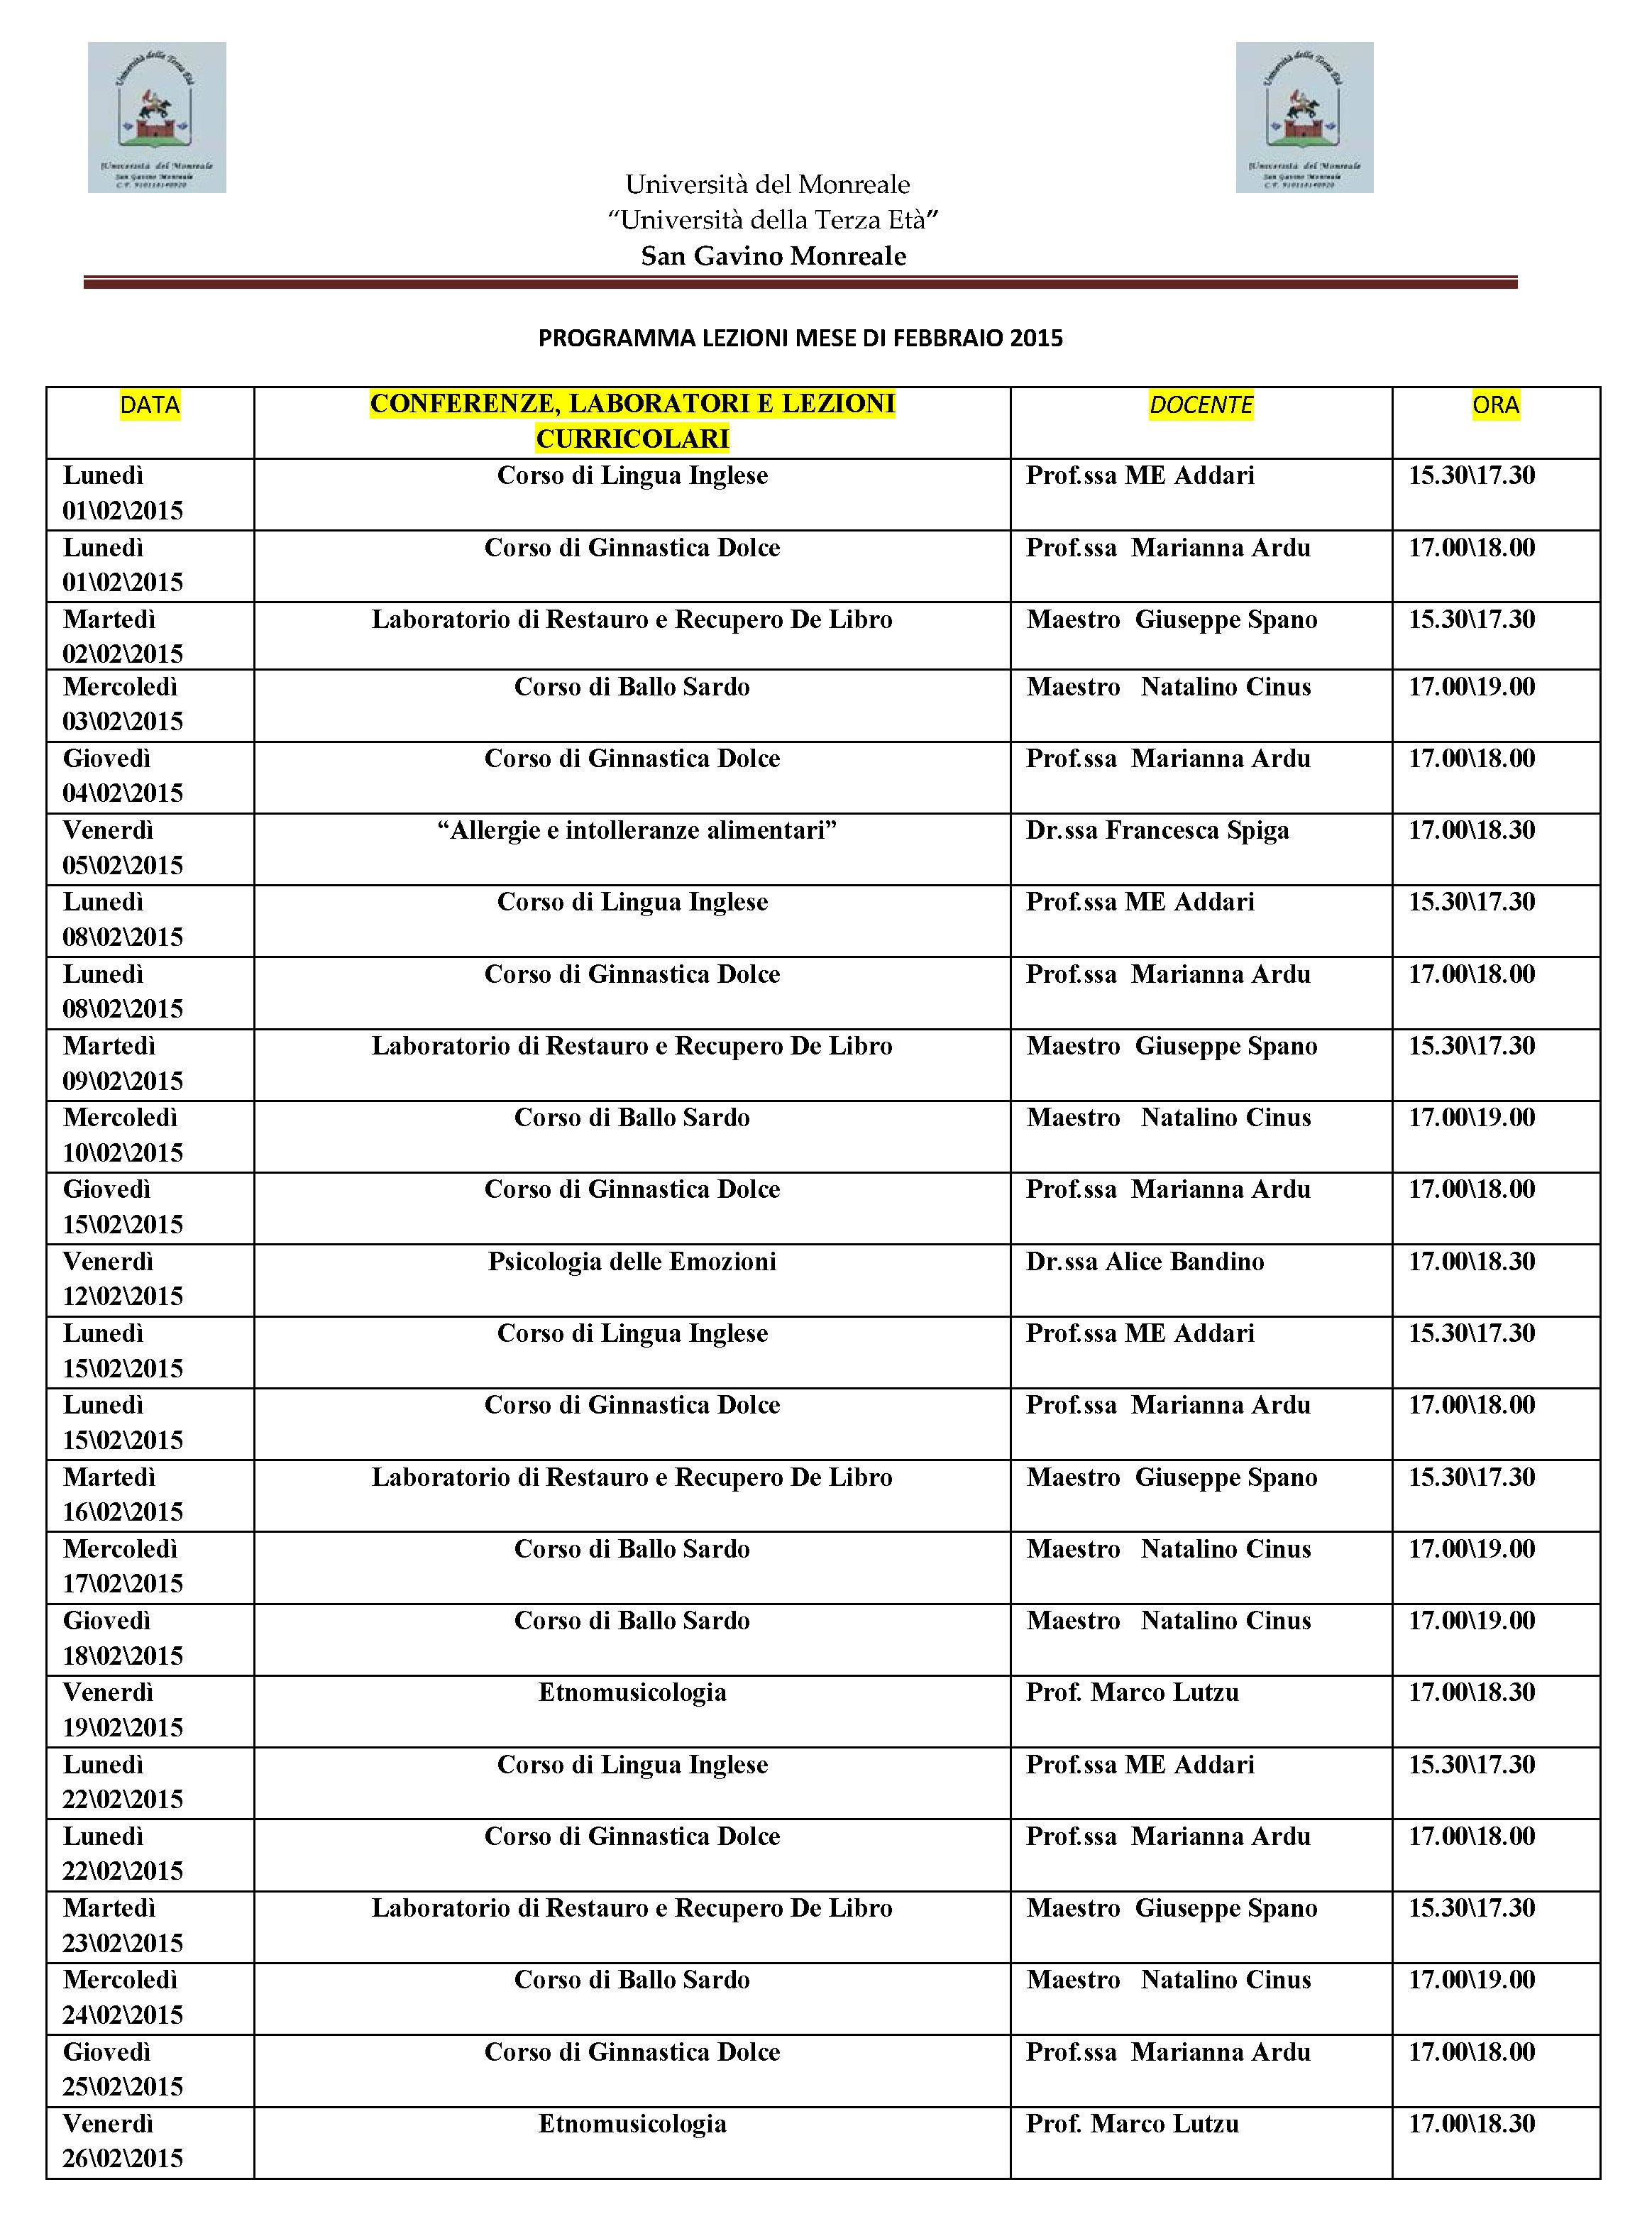 Università del Monreale: lezioni nel mese di Febbraio